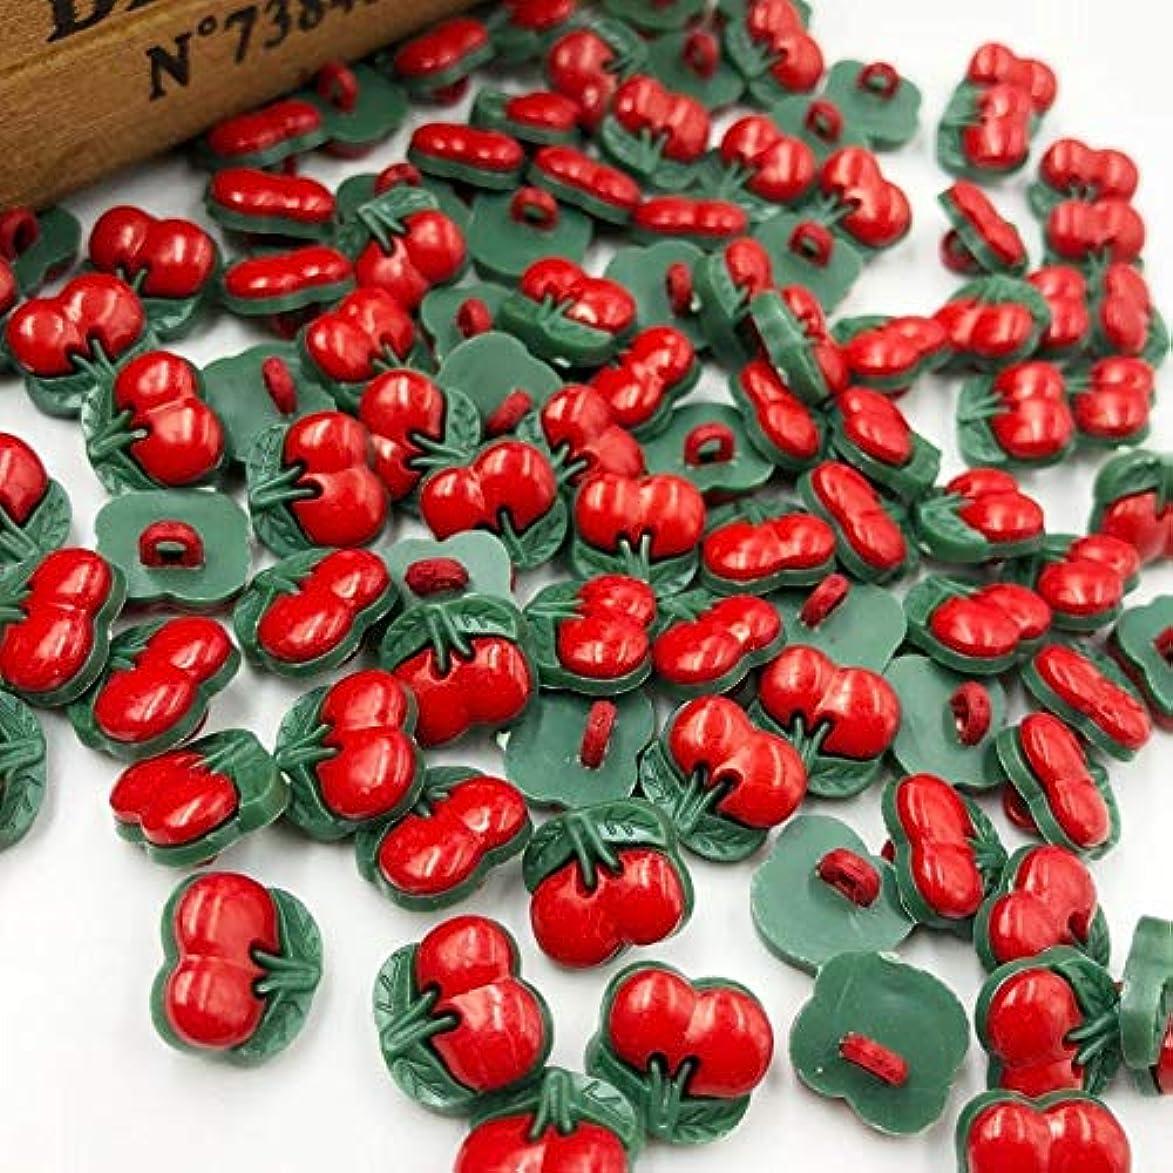 解読する田舎者期待してPropenary - Uは、レッドチェリープラスチックボタン縫製ボタンDIY工芸を選びます